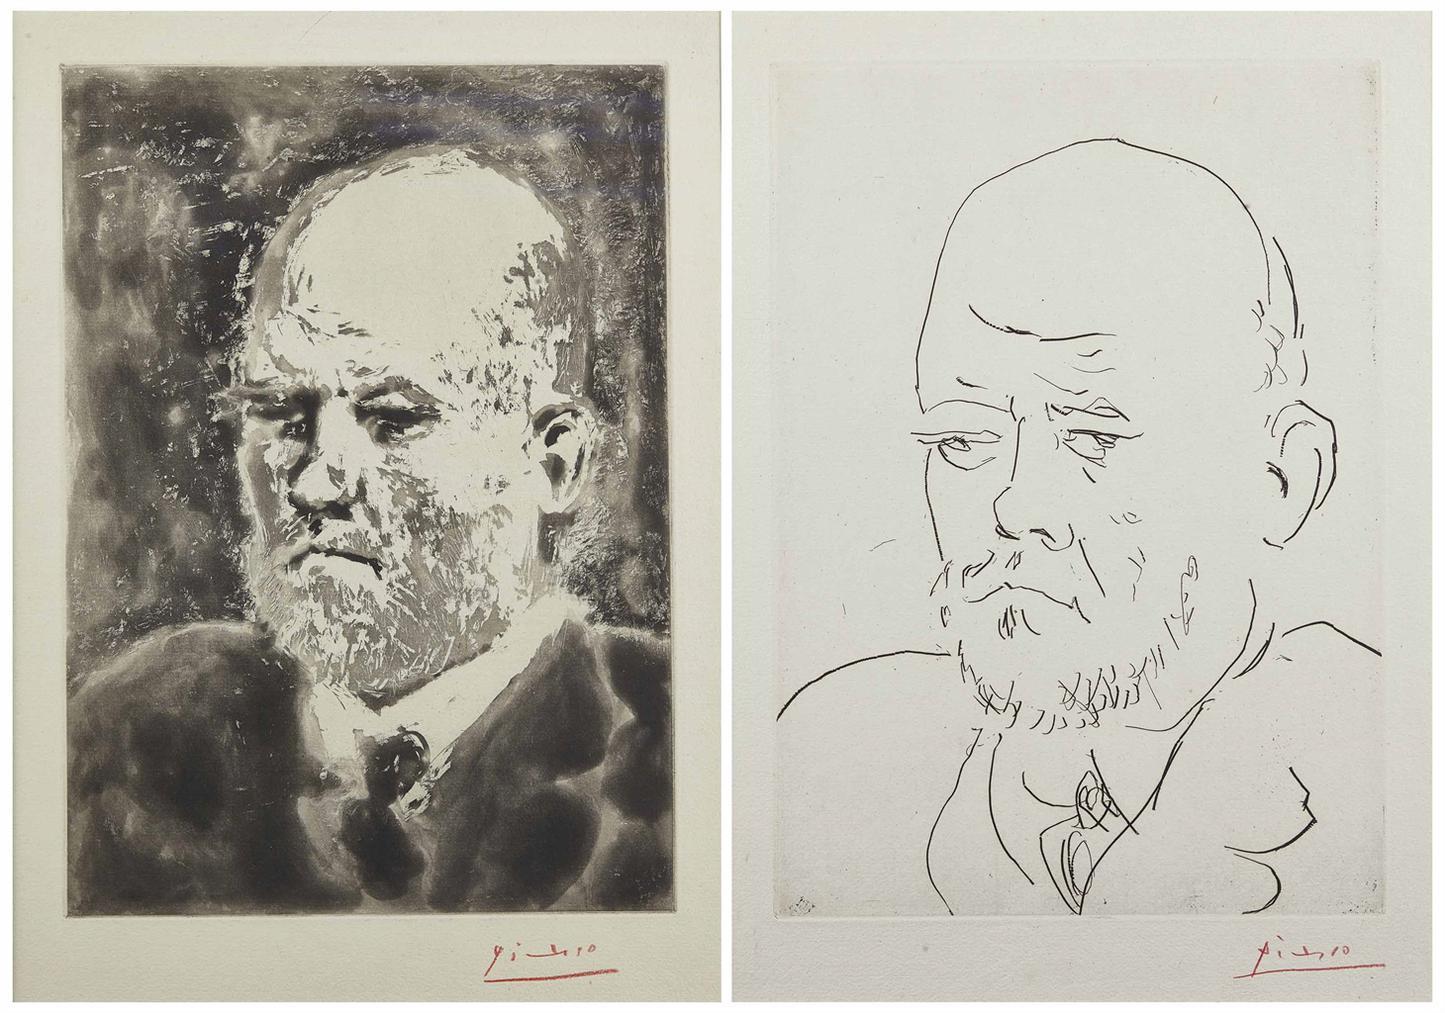 Pablo Picasso-Portrait De Vollard I & Iii, From: La Suite Vollard-1937